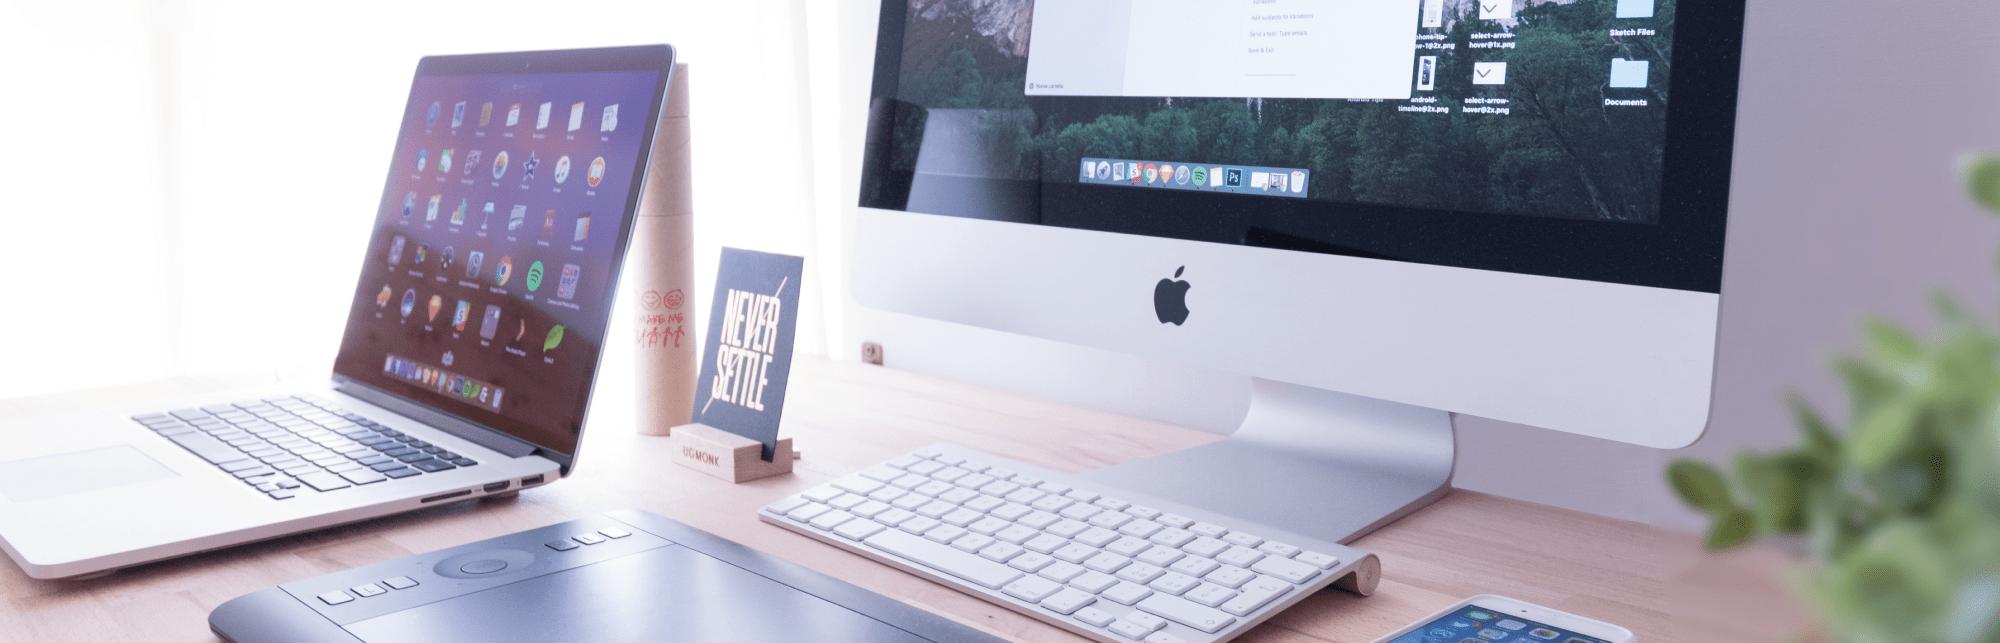 iStore Computer : revendeur agréé Apple